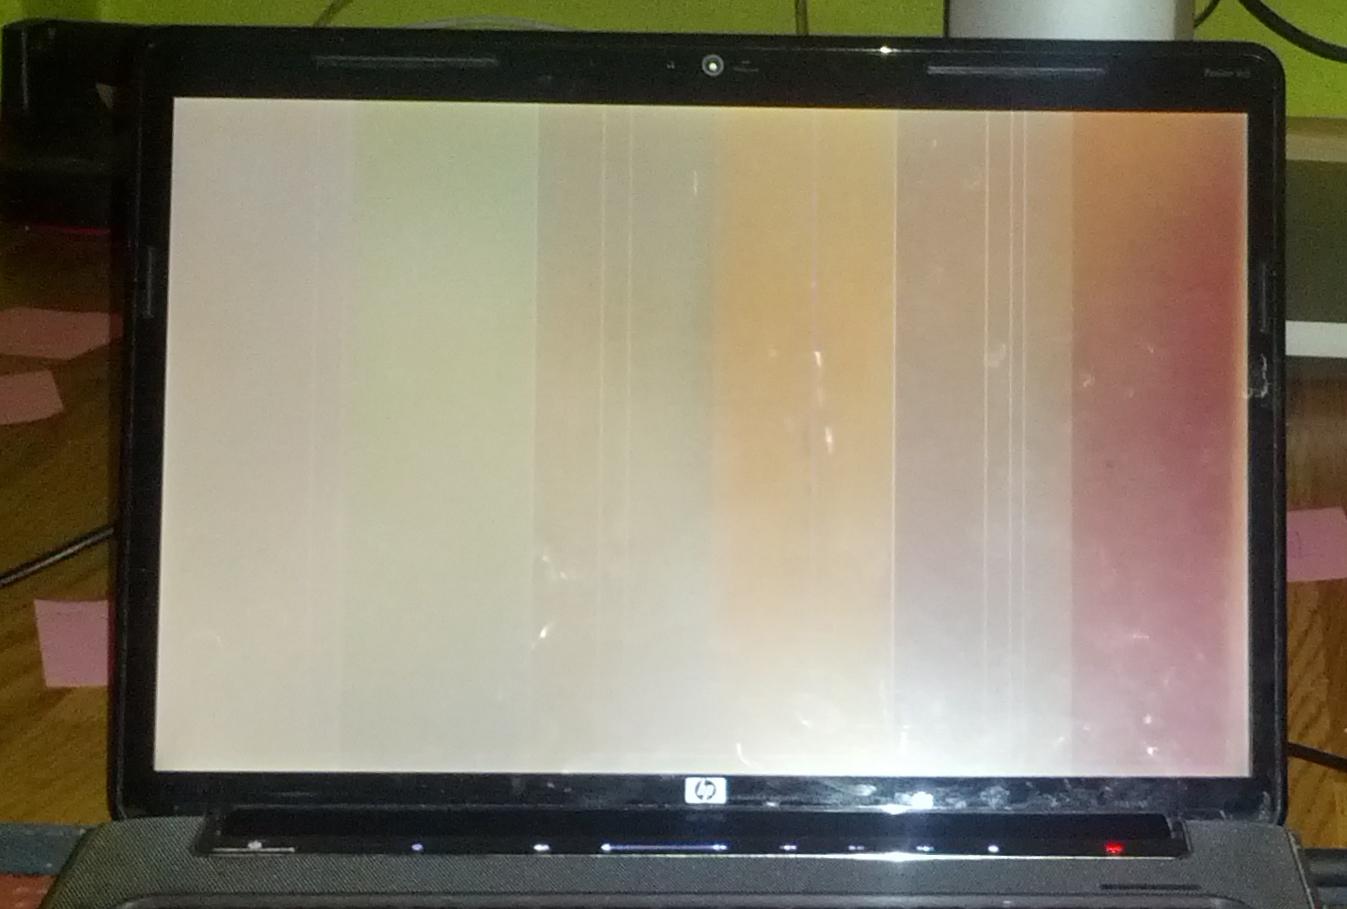 HPdv5-1140ew - Zamazany obraz po w��czeniu laptopa